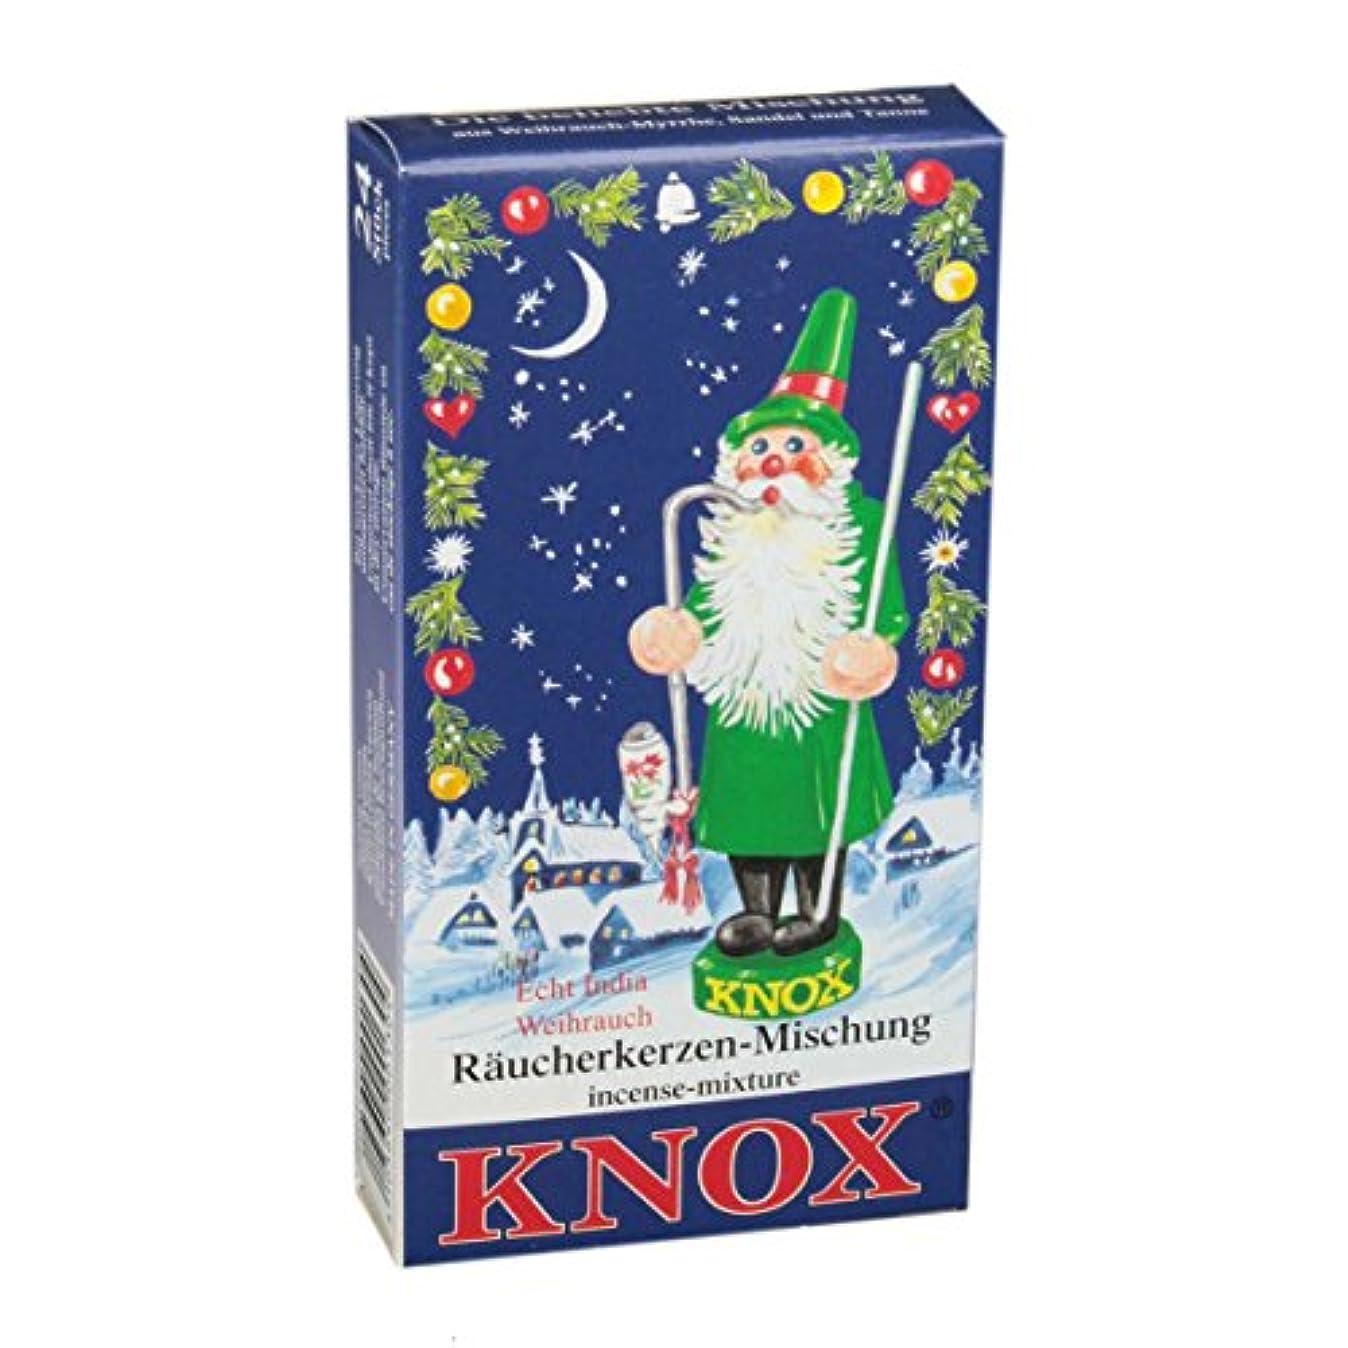 心臓メガロポリス差し迫ったKnoxのさまざまな休日香りつきIncense Cones、24パック、ドイツ製